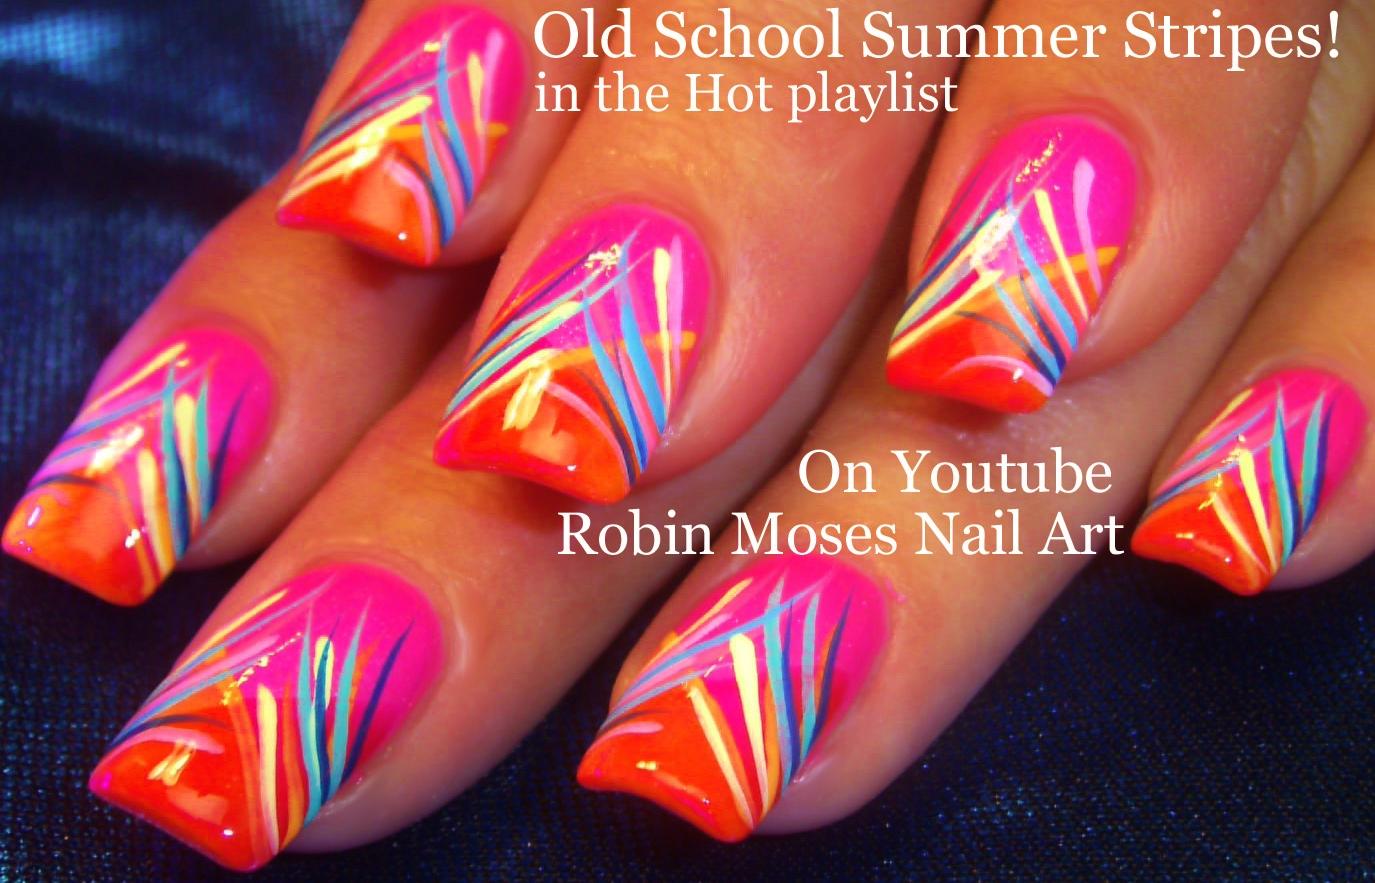 Nail Art By Robin Moses Hot Summer Nail Art Ideas Full Of Neon